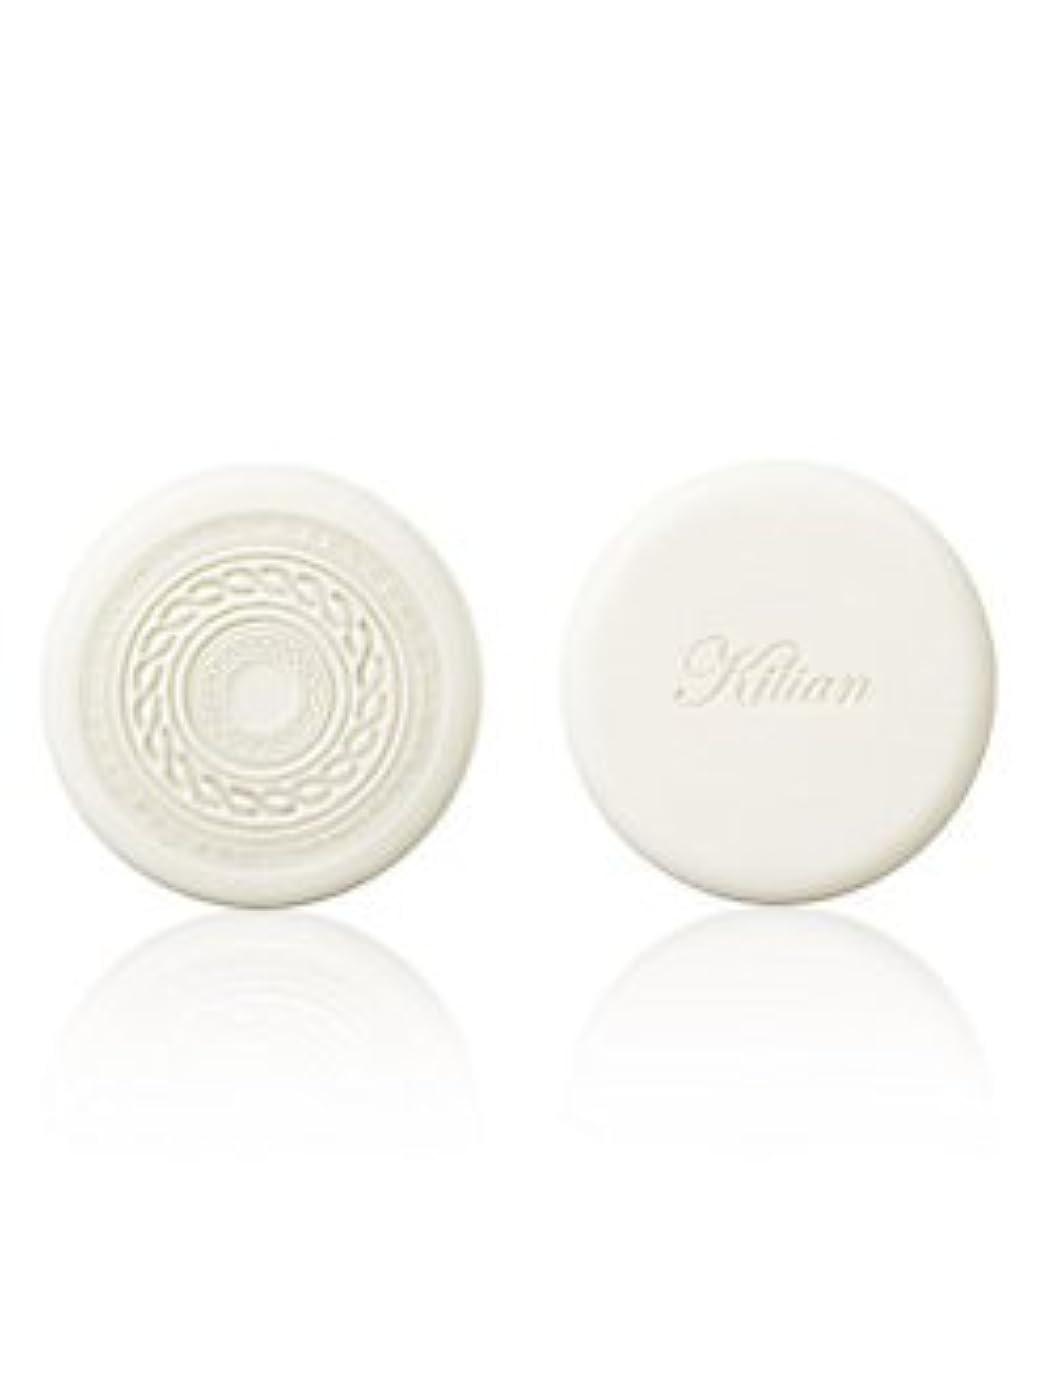 肝自体グリルBy Kilian Lemon In Zest Soap (バイ キリアン ? レモン イン ゼスト ソープ) 3.5 oz (105ml) 固形石鹸